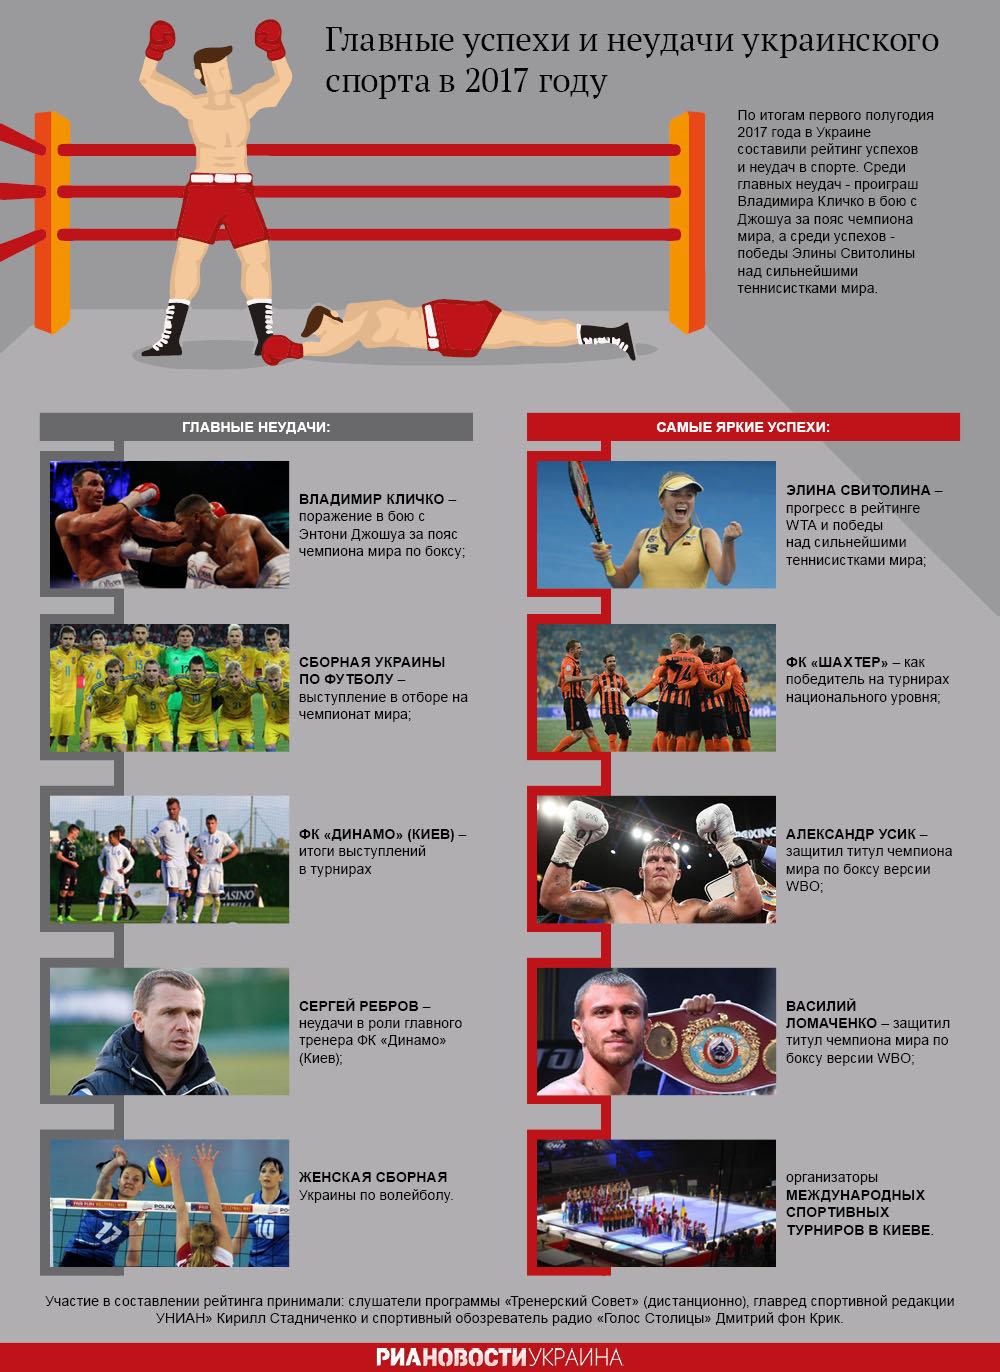 Главные успехи и неудачи украинского спорта в 2017 году